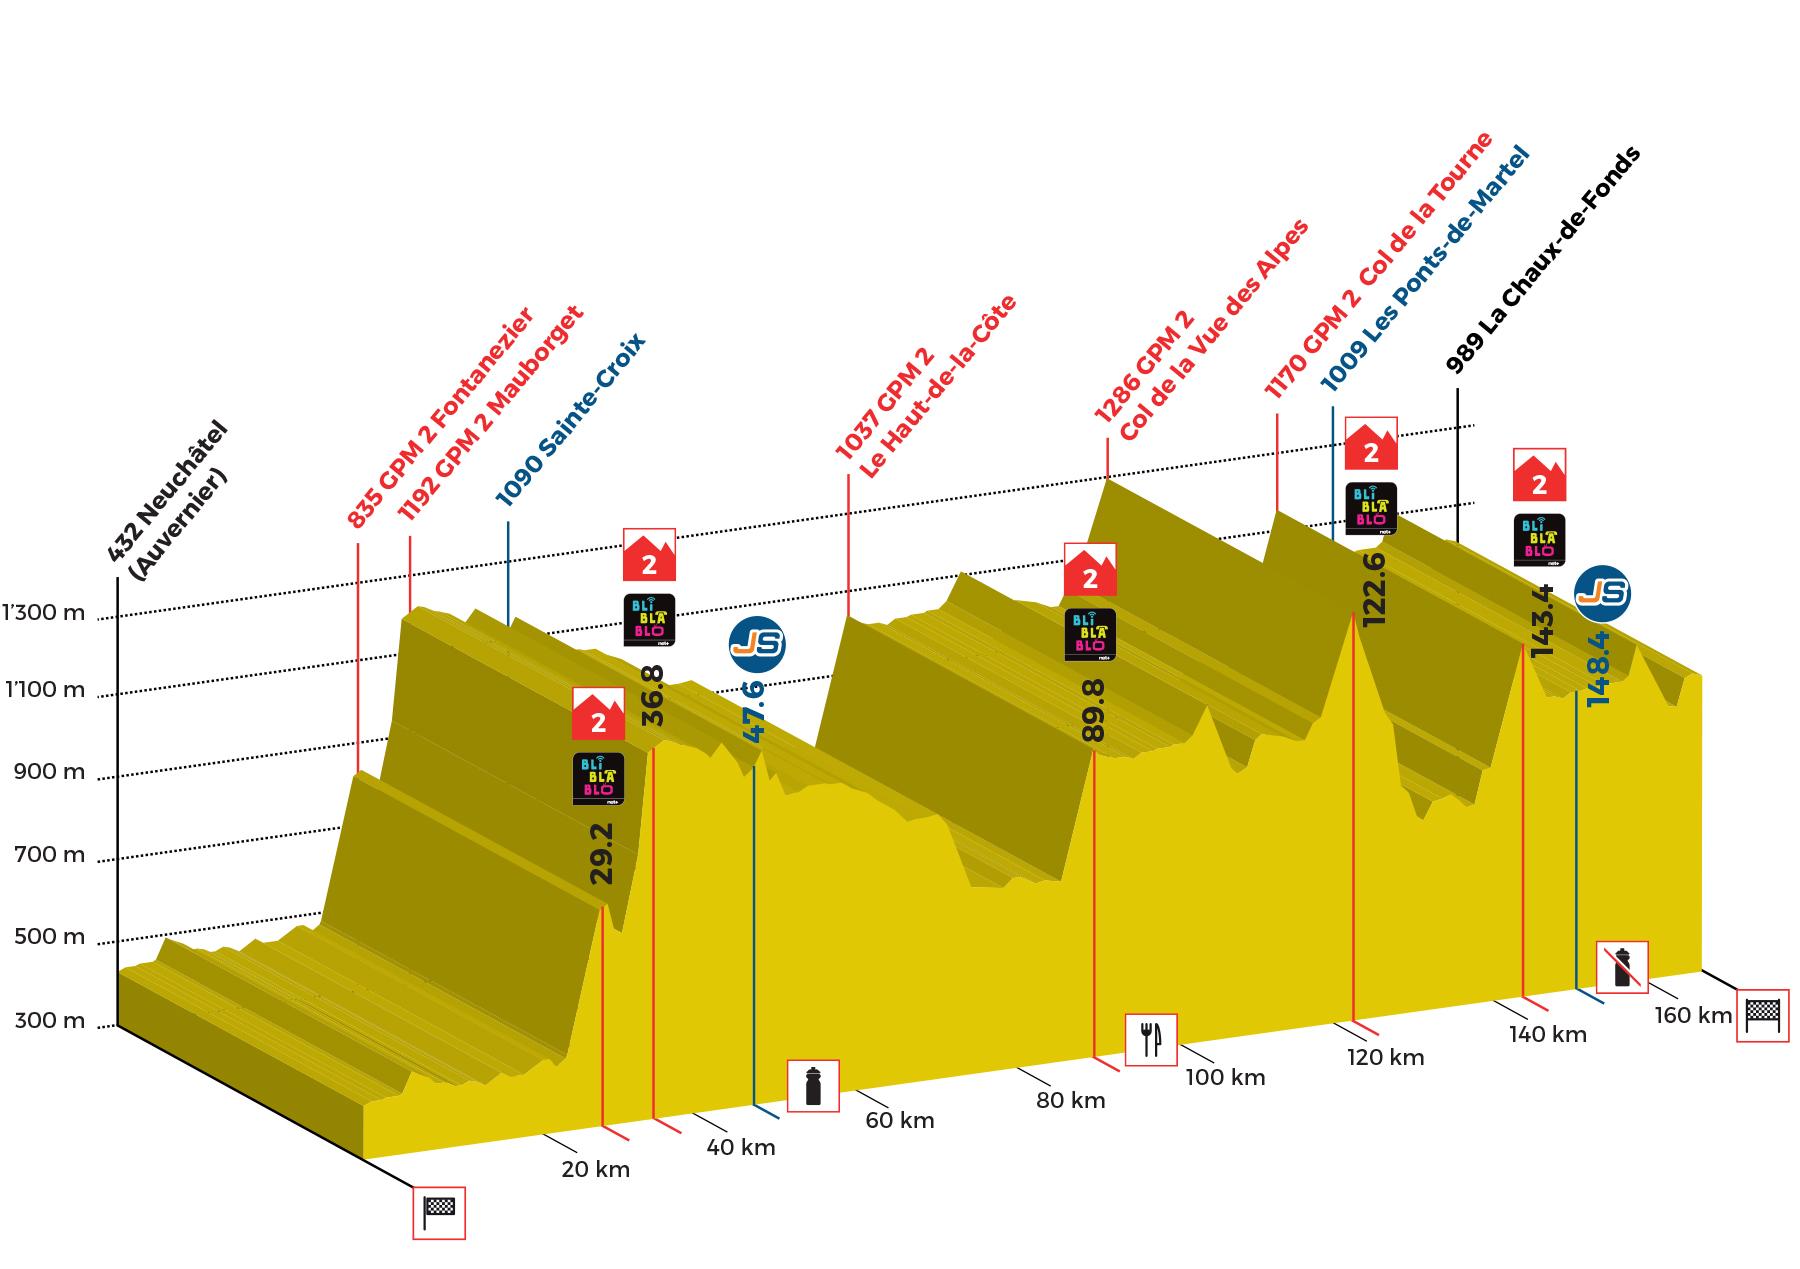 Tour de Romandie Profil-2